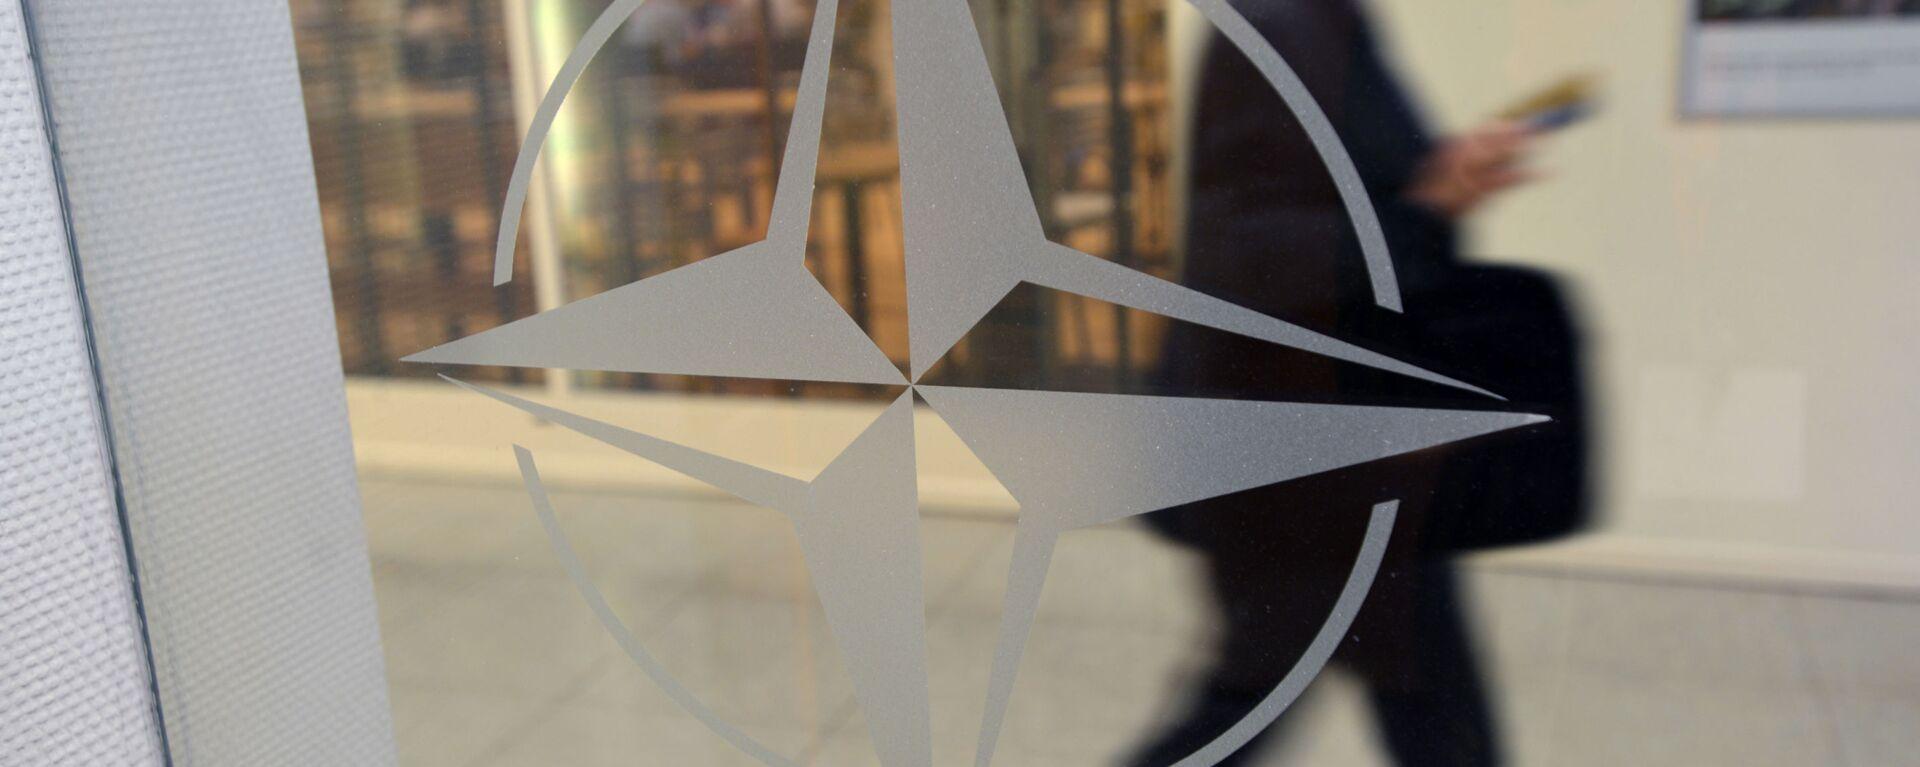 ნატოს ემბლემა ორგანიზაციის შტაბბინაში ბრიუსელში  - Sputnik საქართველო, 1920, 14.06.2021